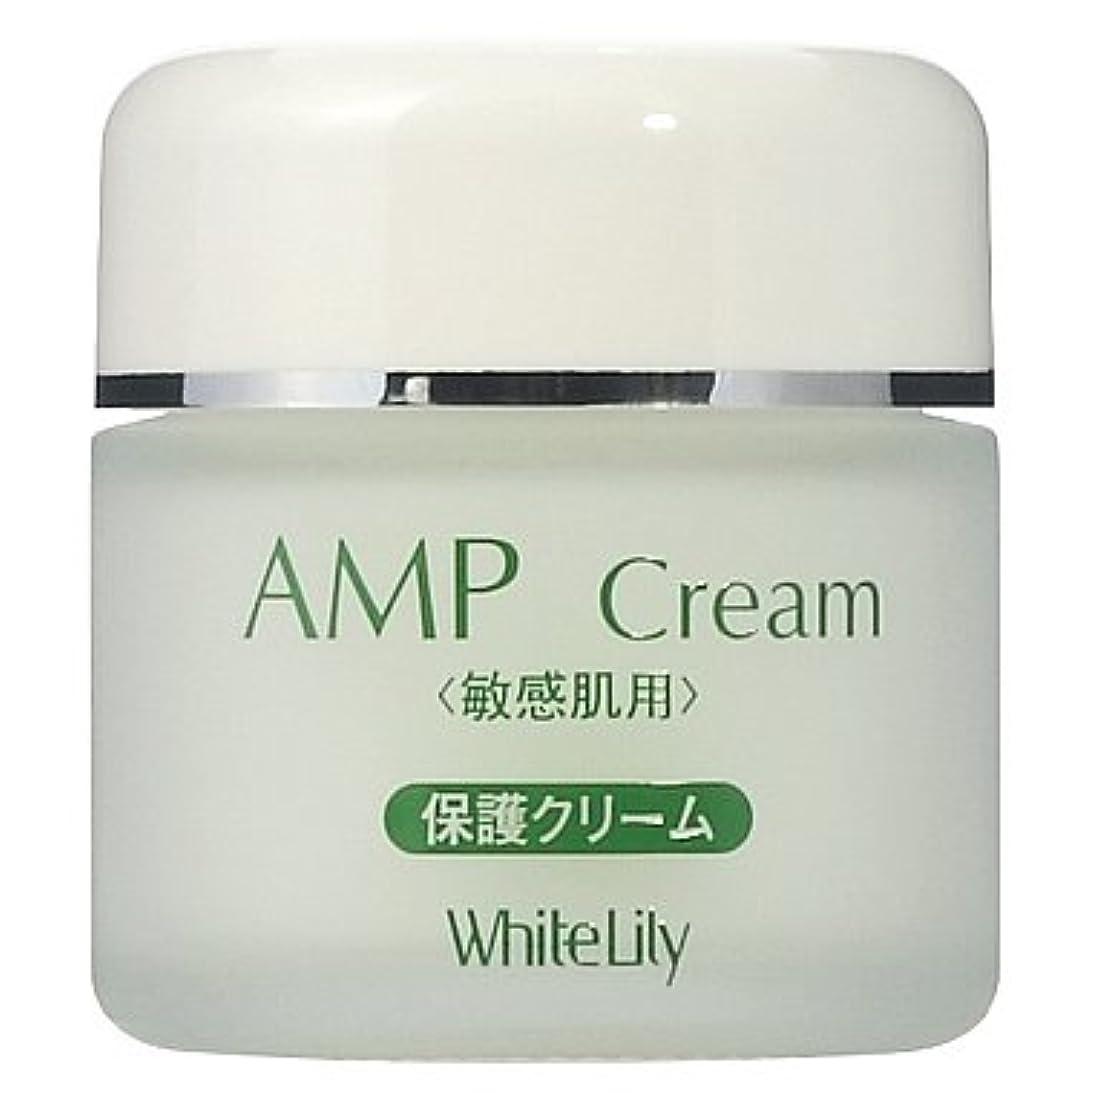 災難抗議一般的に言えばホワイトリリー AMPクリーム 40g クリーム